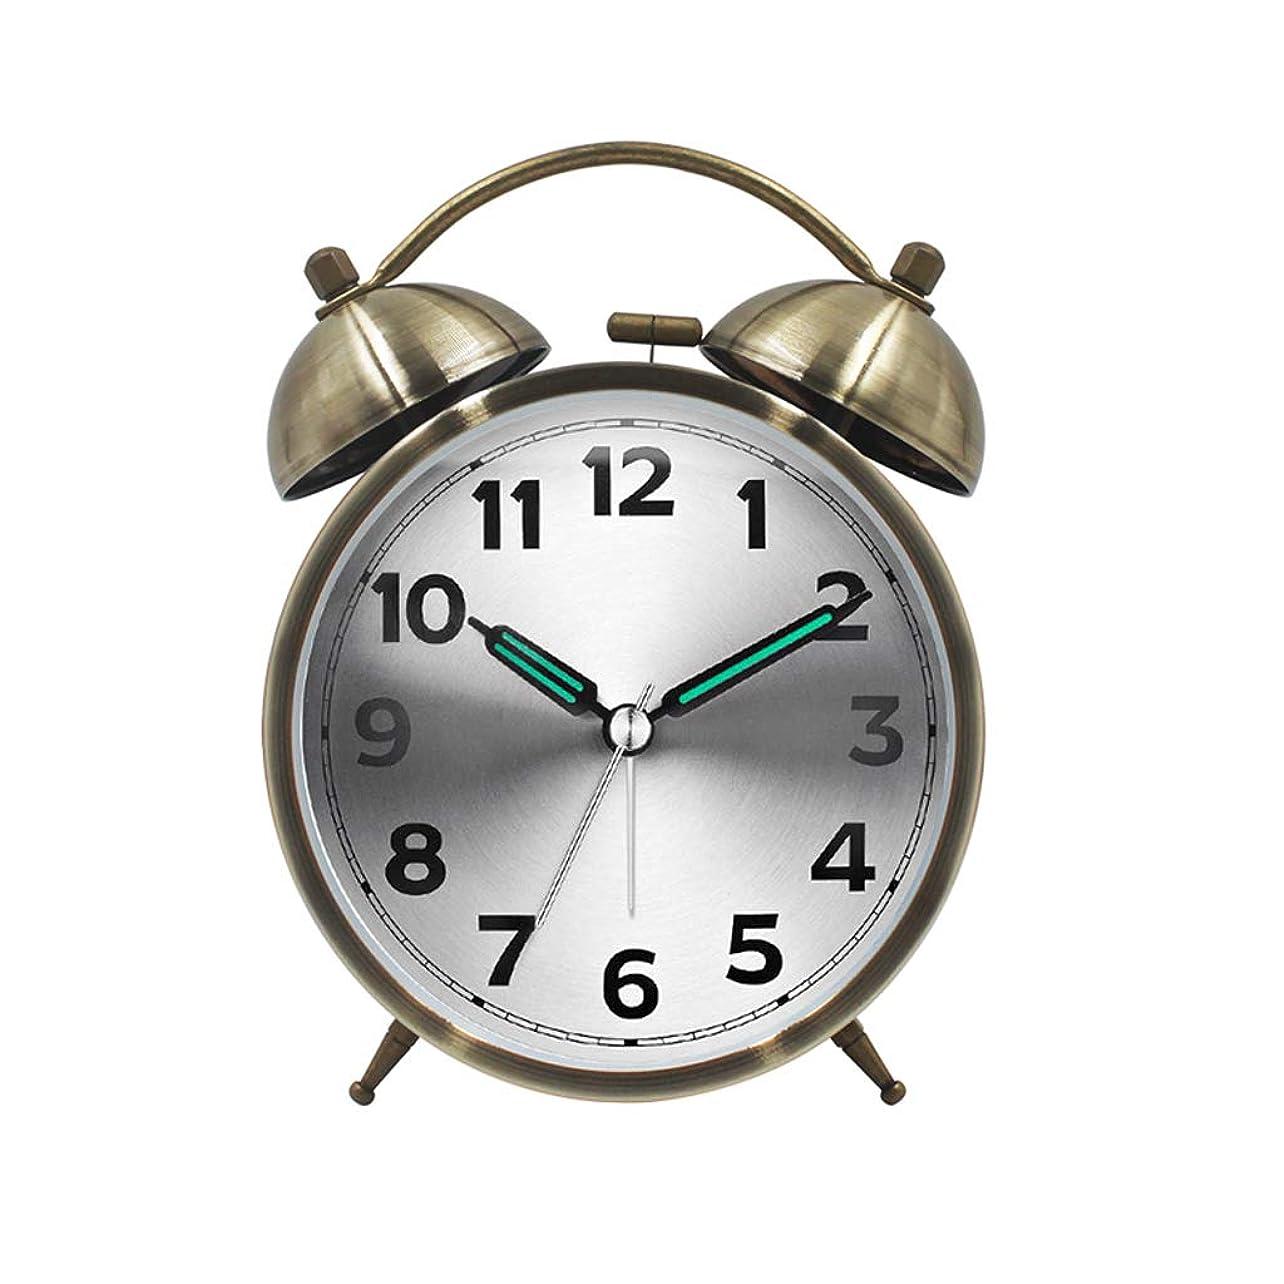 抑制するモルヒネリズム目覚まし時計創造的な学生かわいいベッドサイド男性近代的なミニマリスト小さな新鮮な小さな目覚まし時計サイレントチャイルド漫画 (色 : ブロンズ)